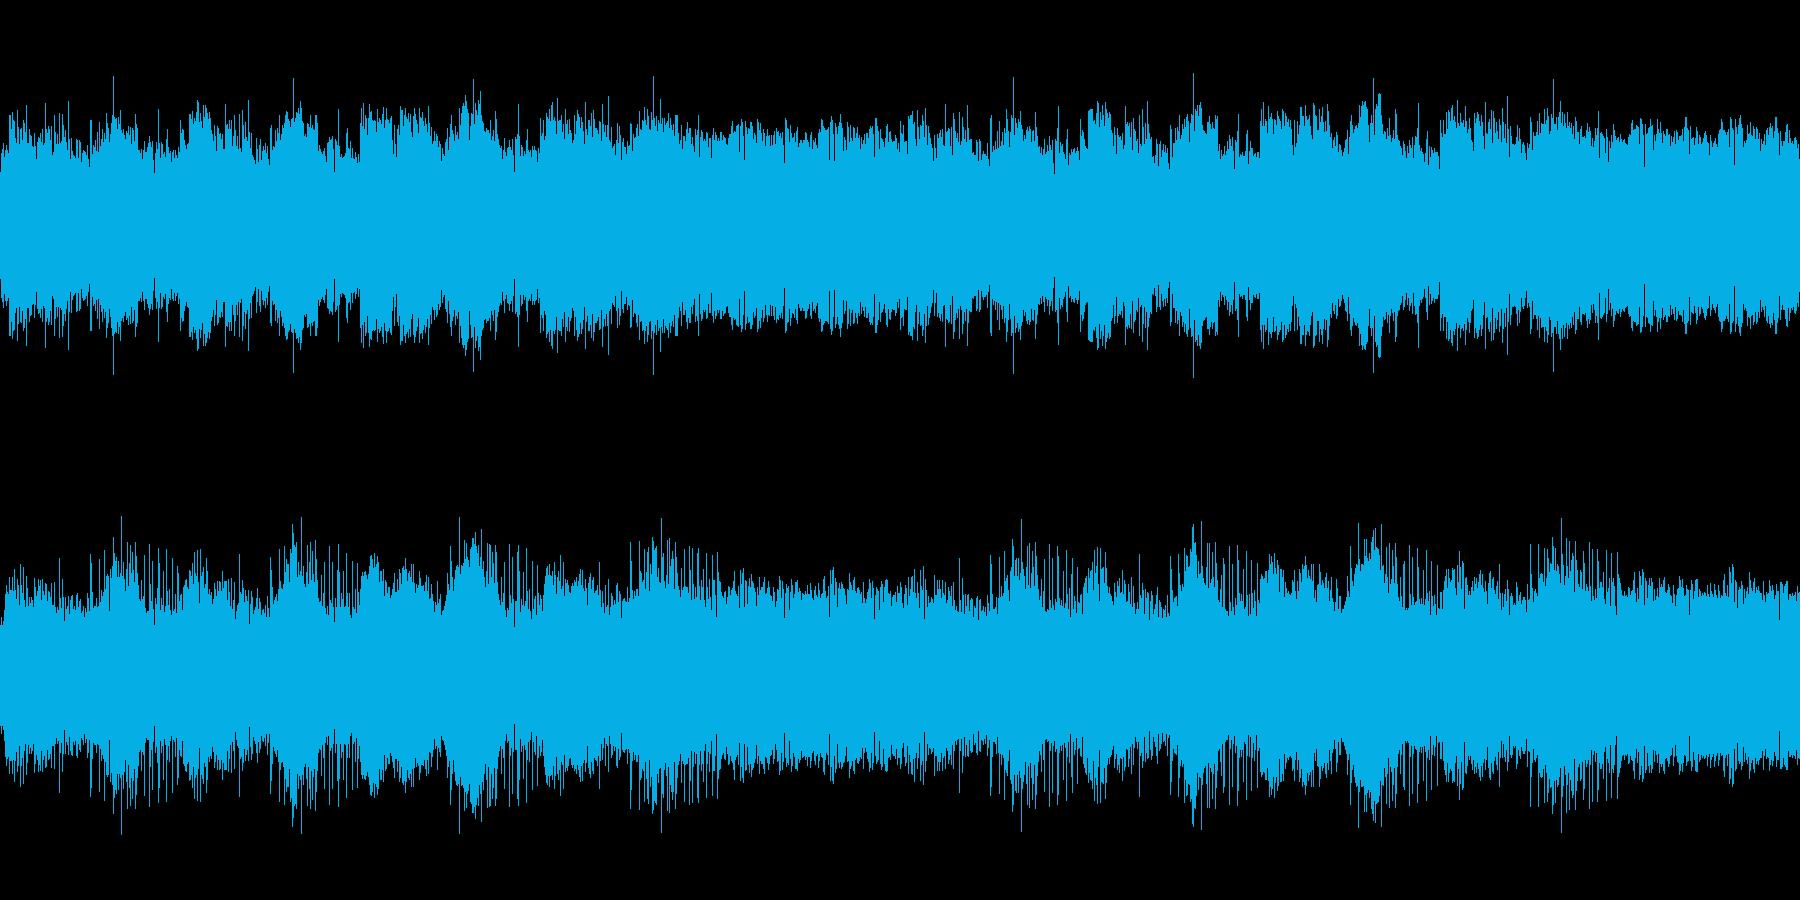 ゲームの説明用とかにの再生済みの波形